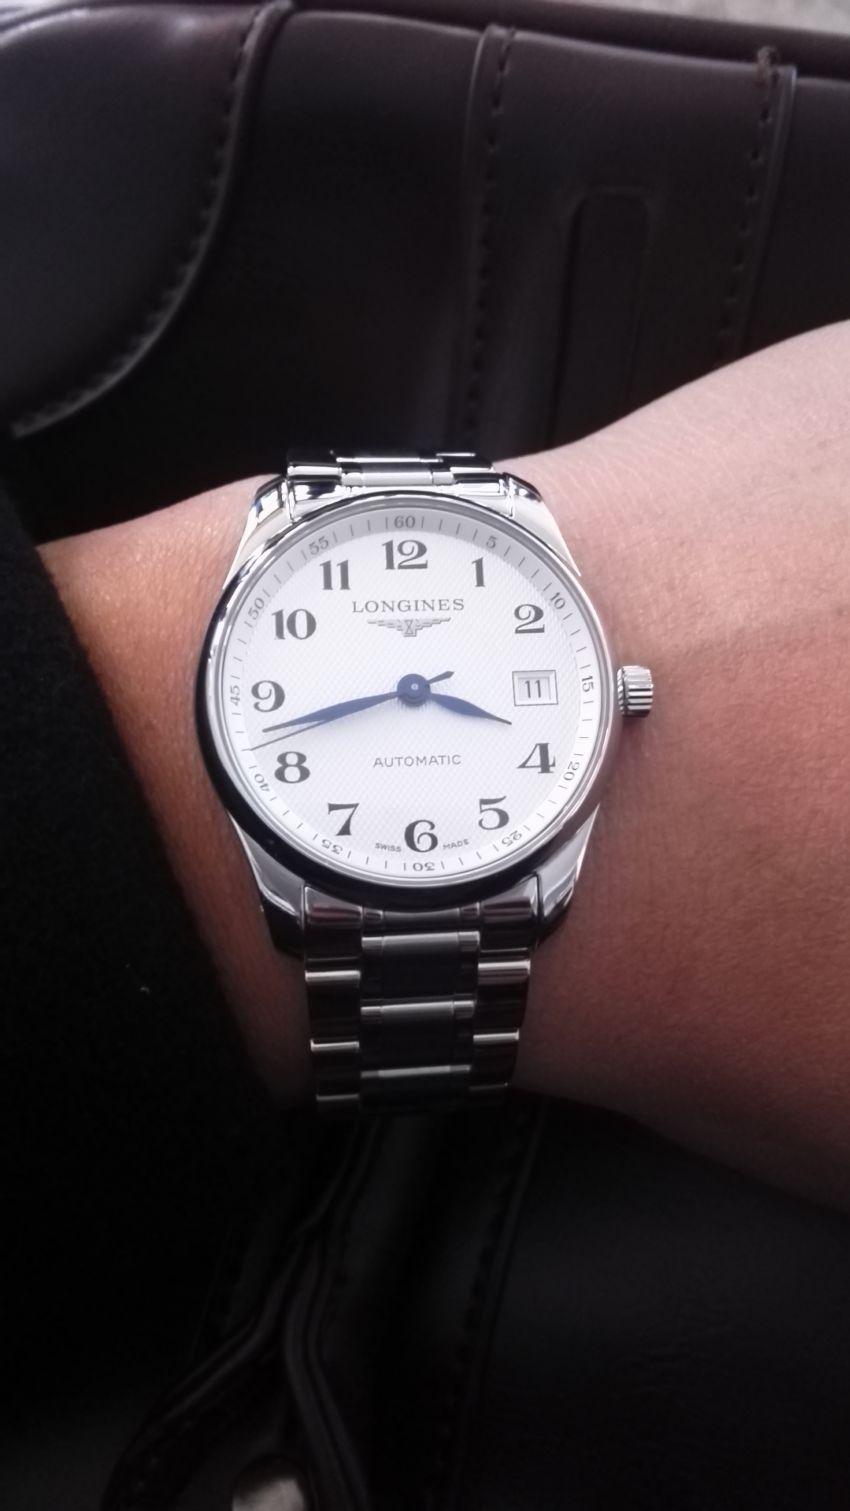 浪琴L2.518.4.78.6手表【表友晒单作业】表很漂亮,...